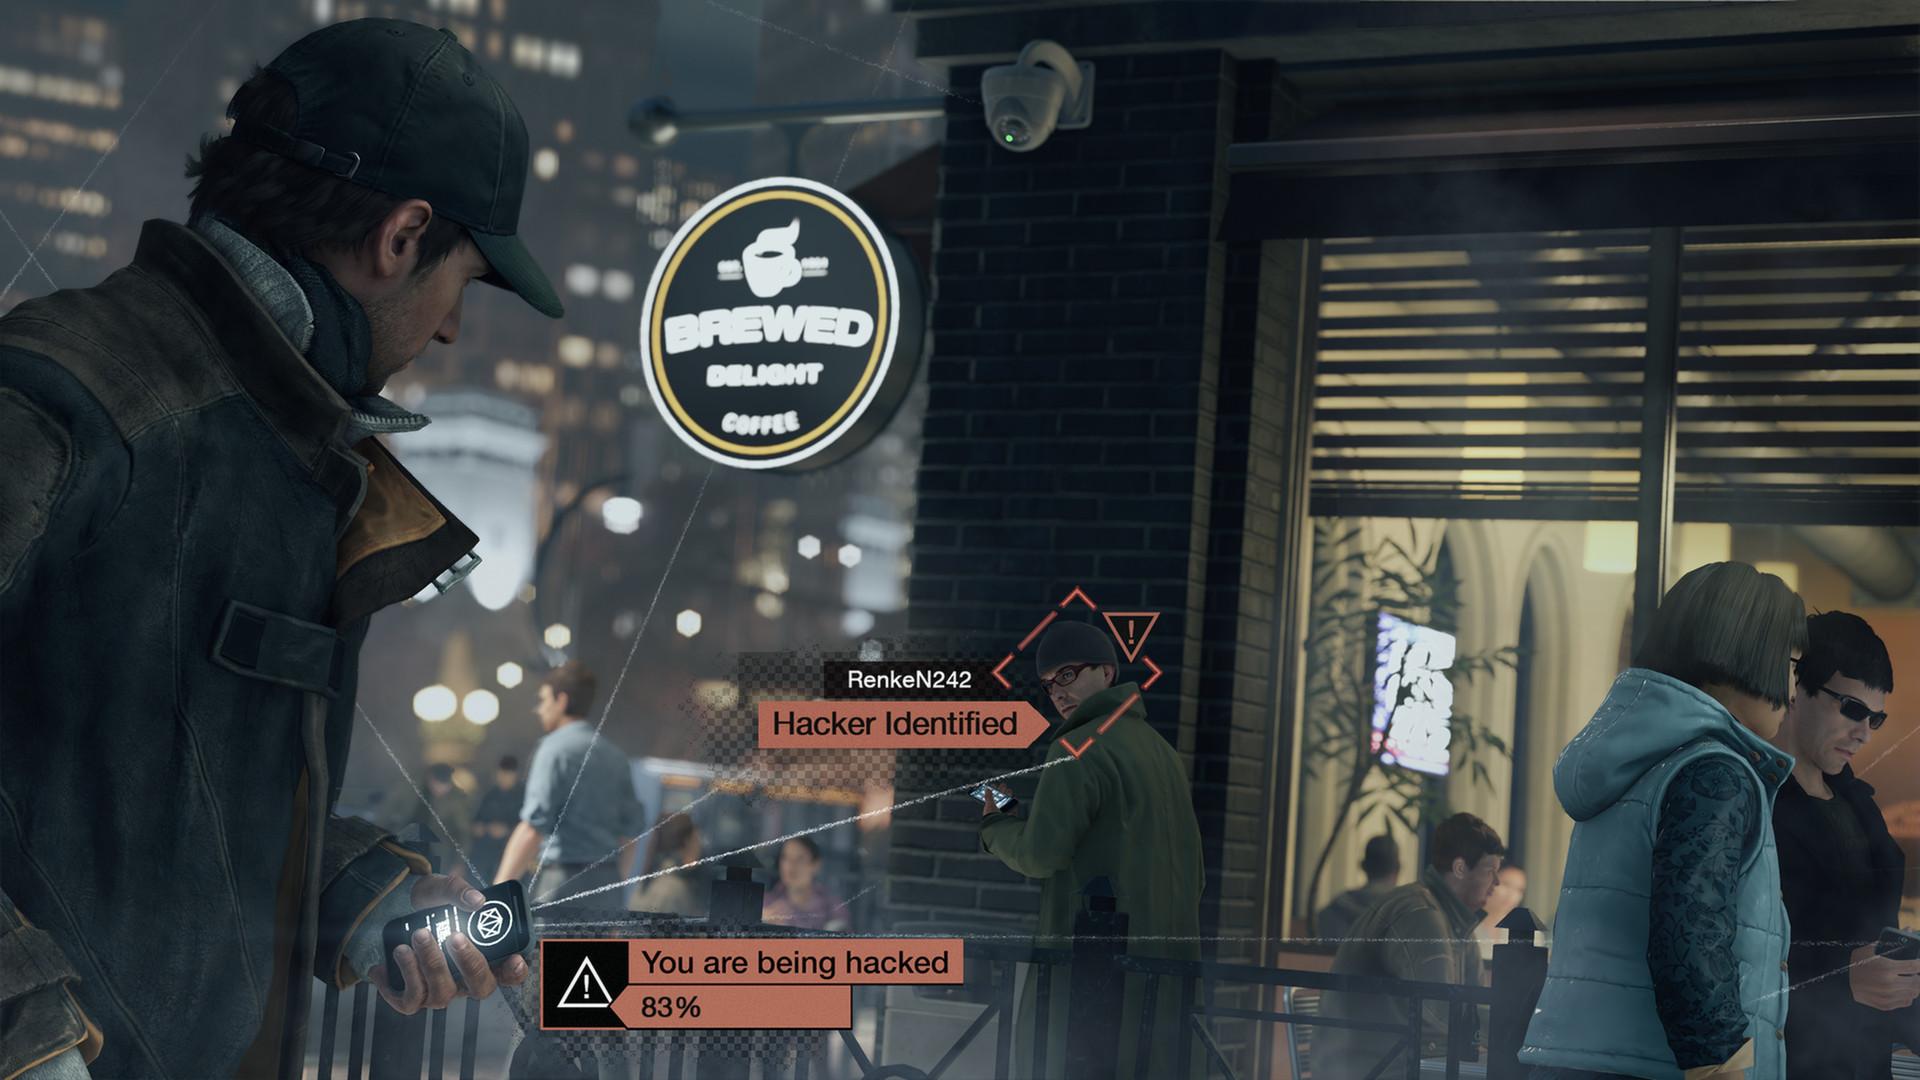 com.steam.293054-screenshot